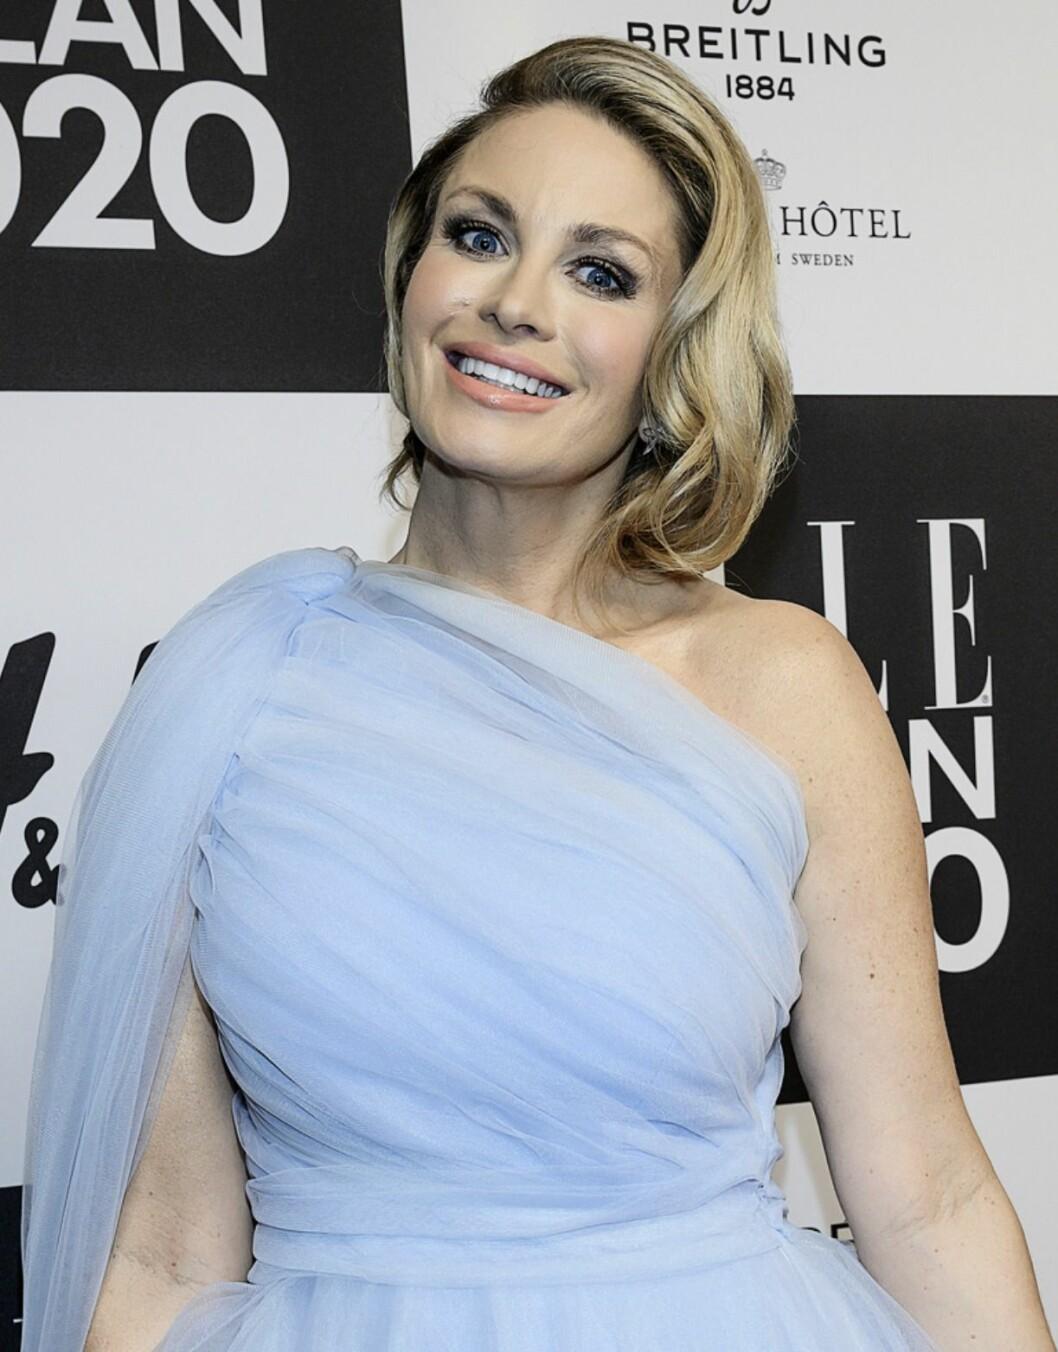 Carolina Gynning på Elle-galan 2020